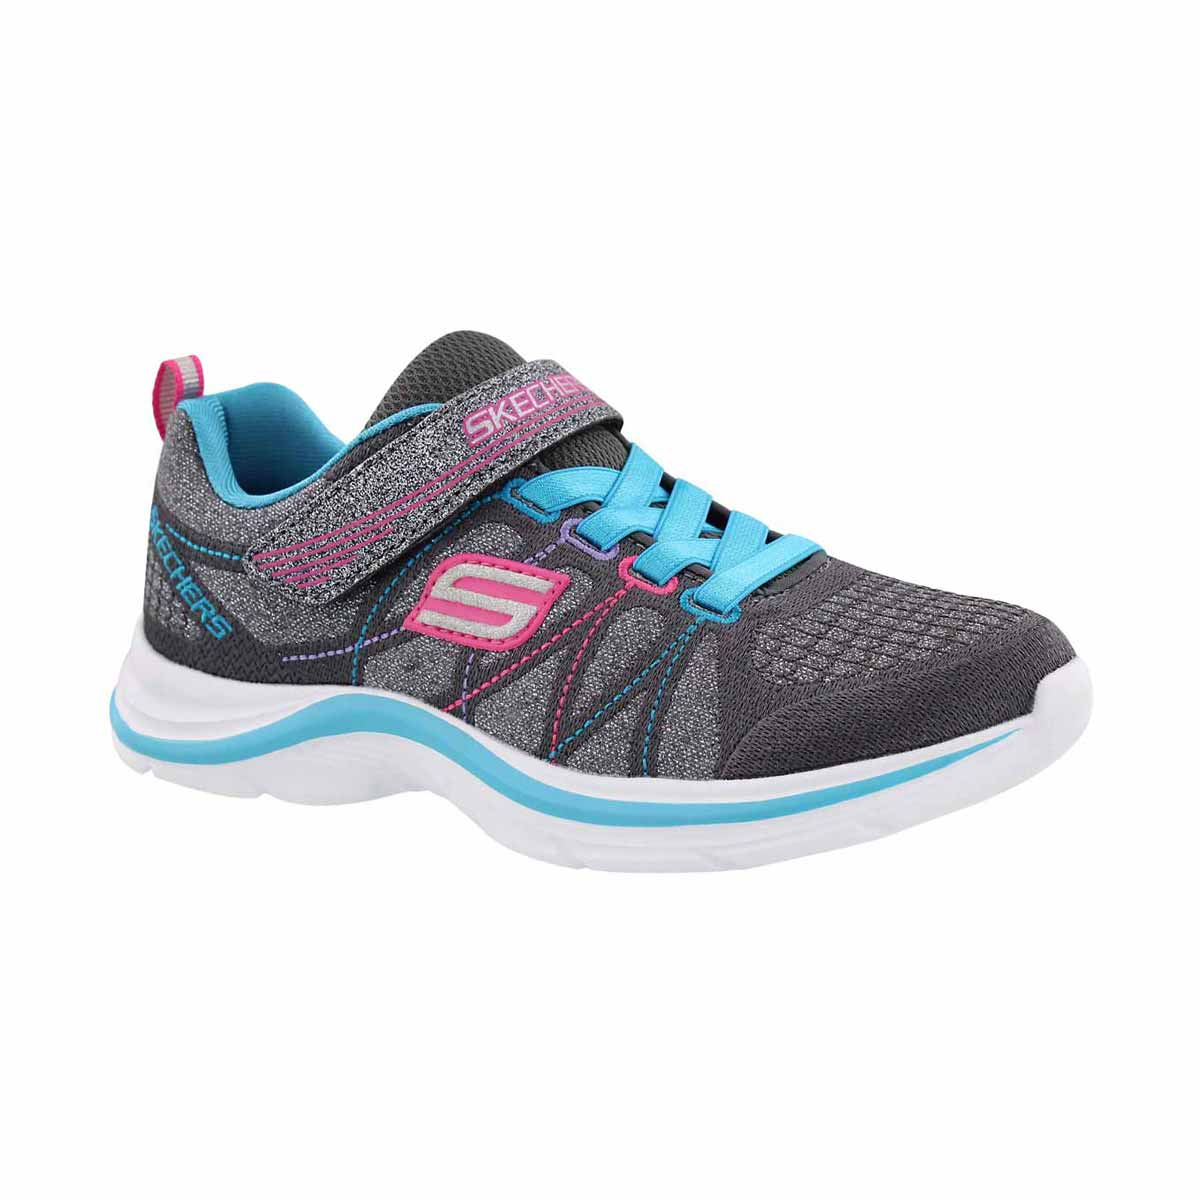 Girls' SWIFT KICKS blue/multi sparkle sneakers